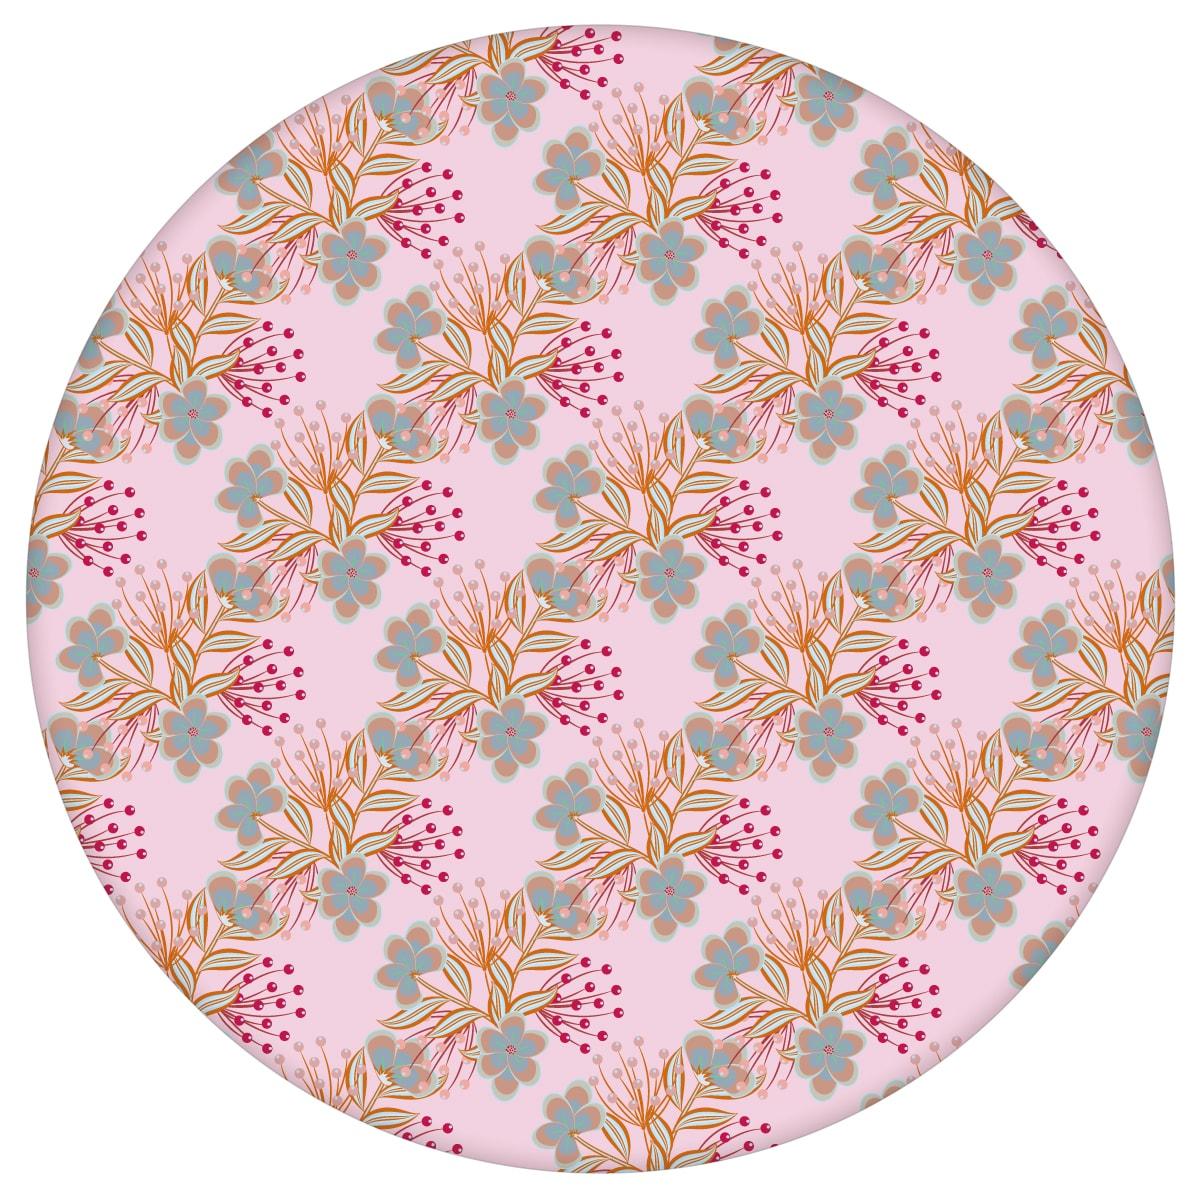 Rosa Blumentapete Classic Bouquet Blümchen Tapete, Nostalgietapete als Wandgestaltung aus den Tapeten Neuheiten Blumentapeten und Borten als Naturaltouch Luxus Vliestapete oder Basic Vliestapete